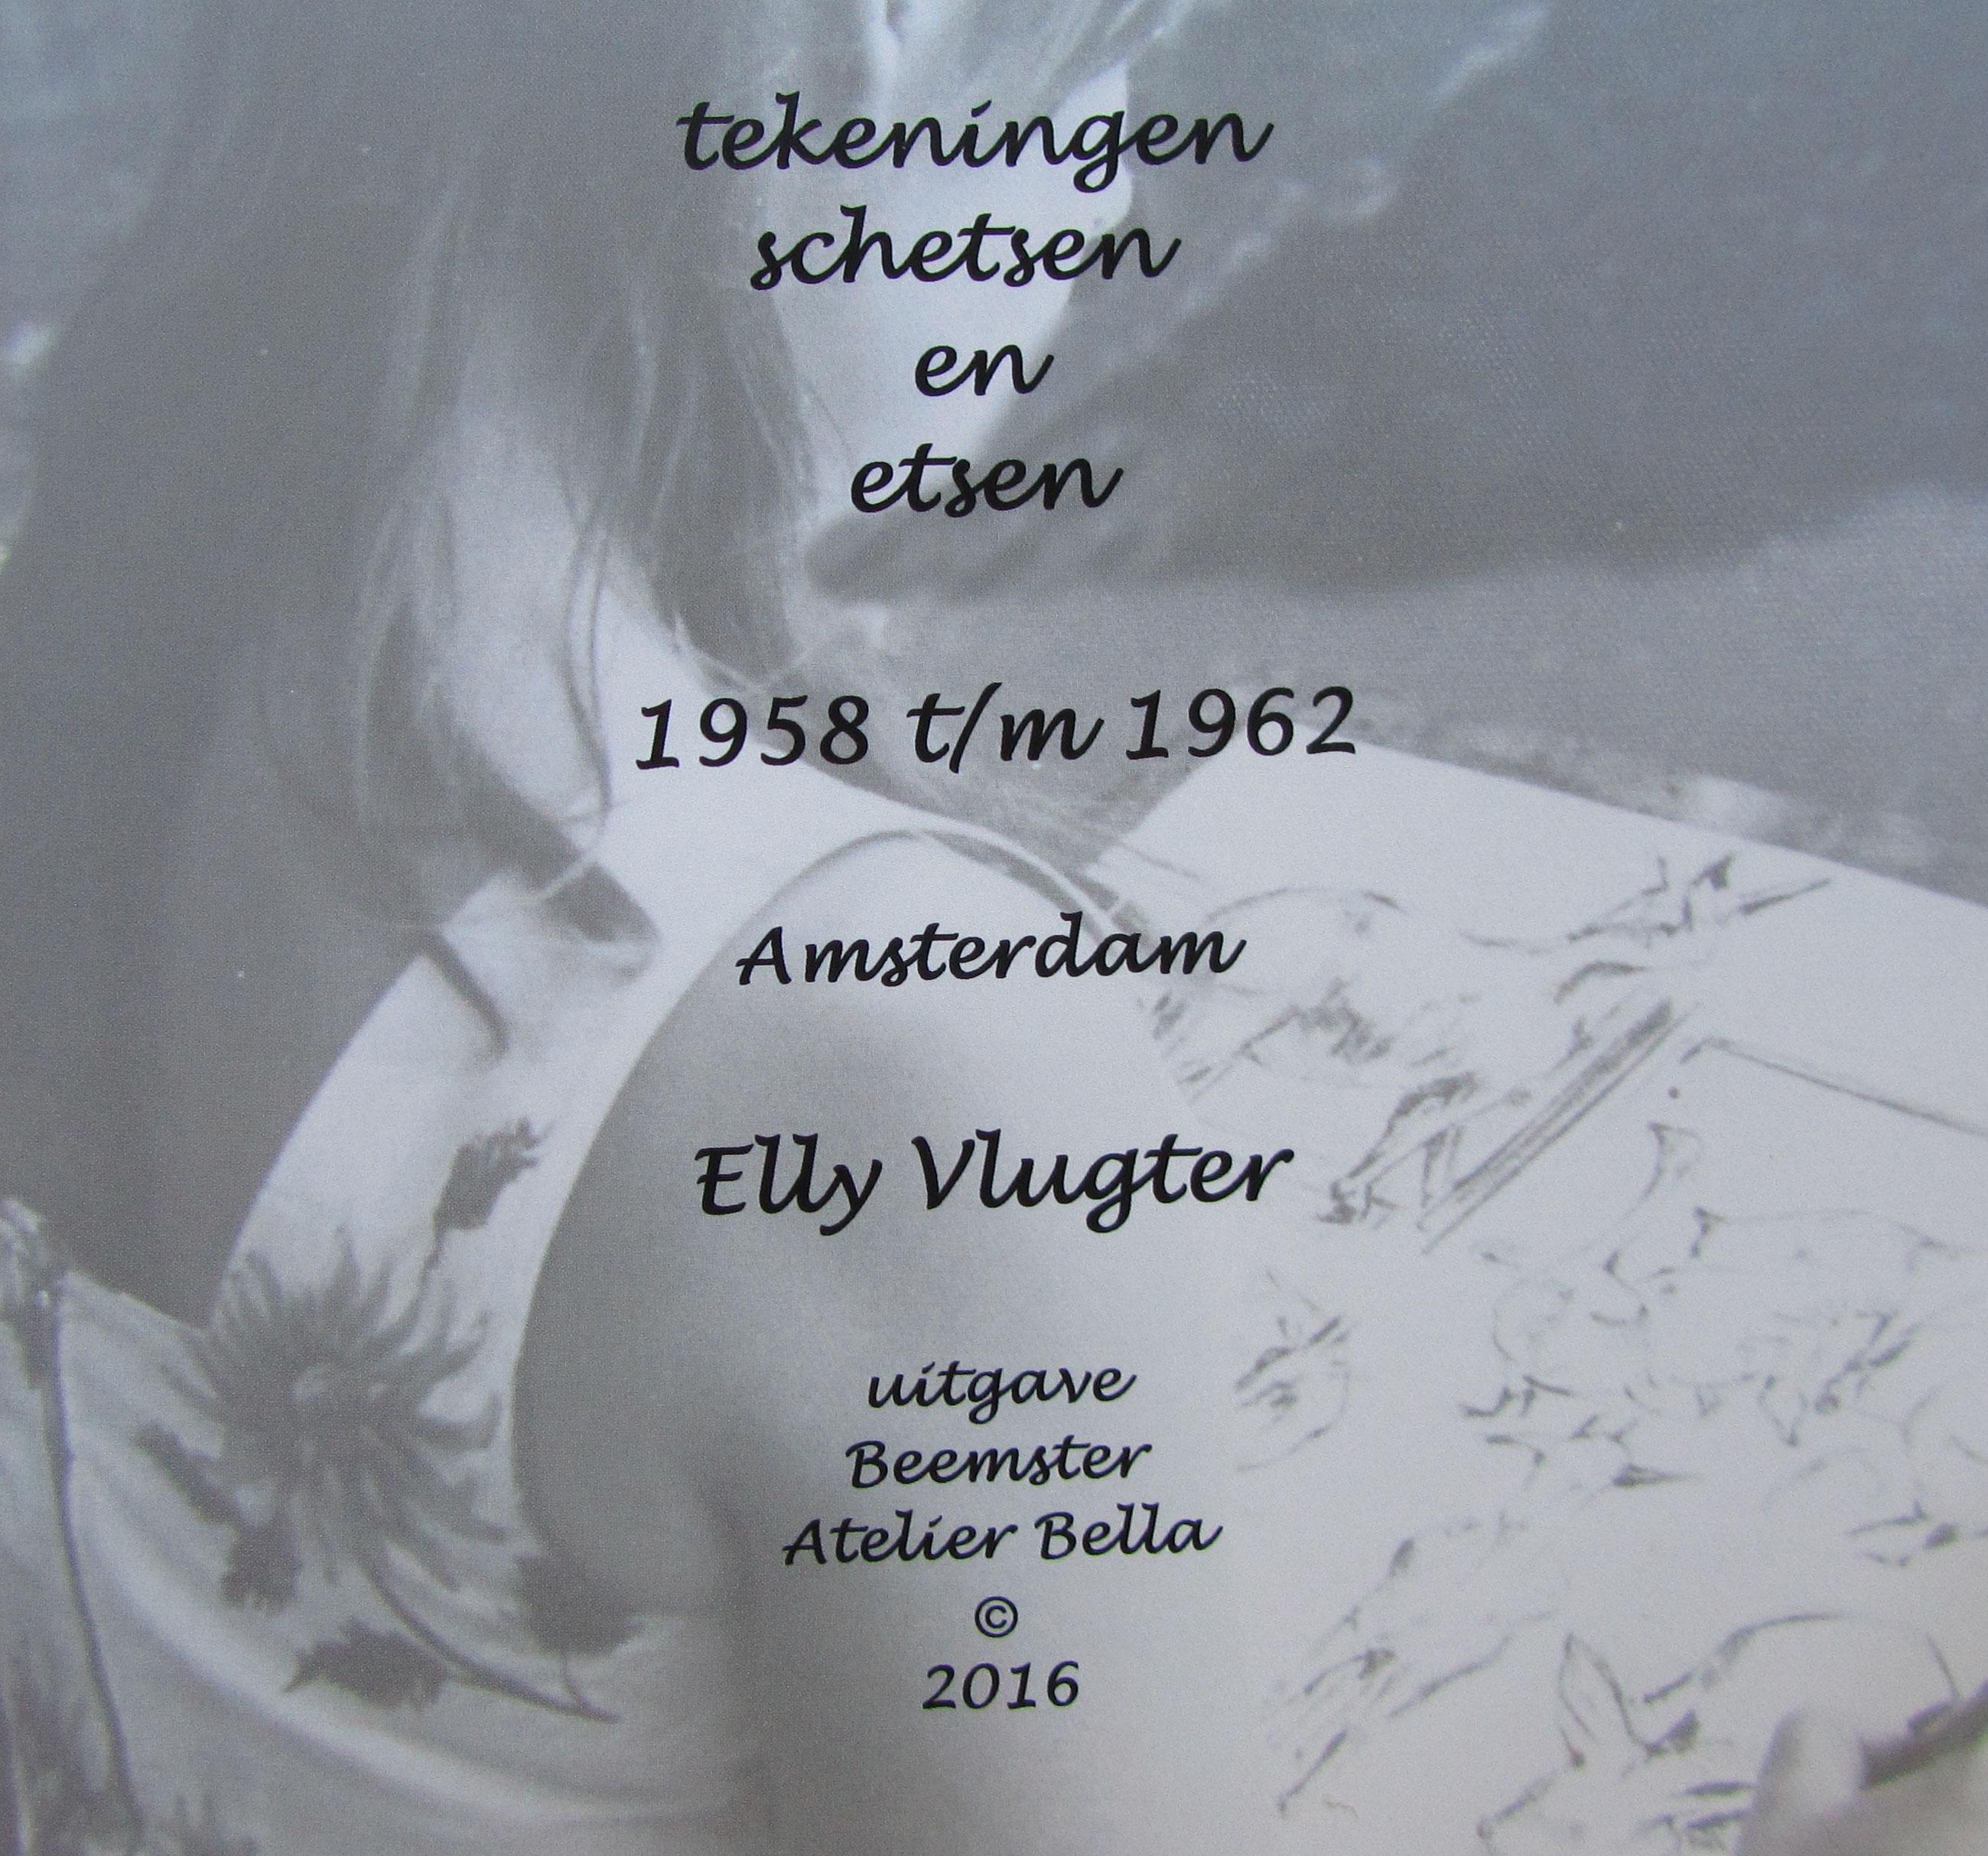 Tekeningen, schetsen en etsen 1958 t/m 1962